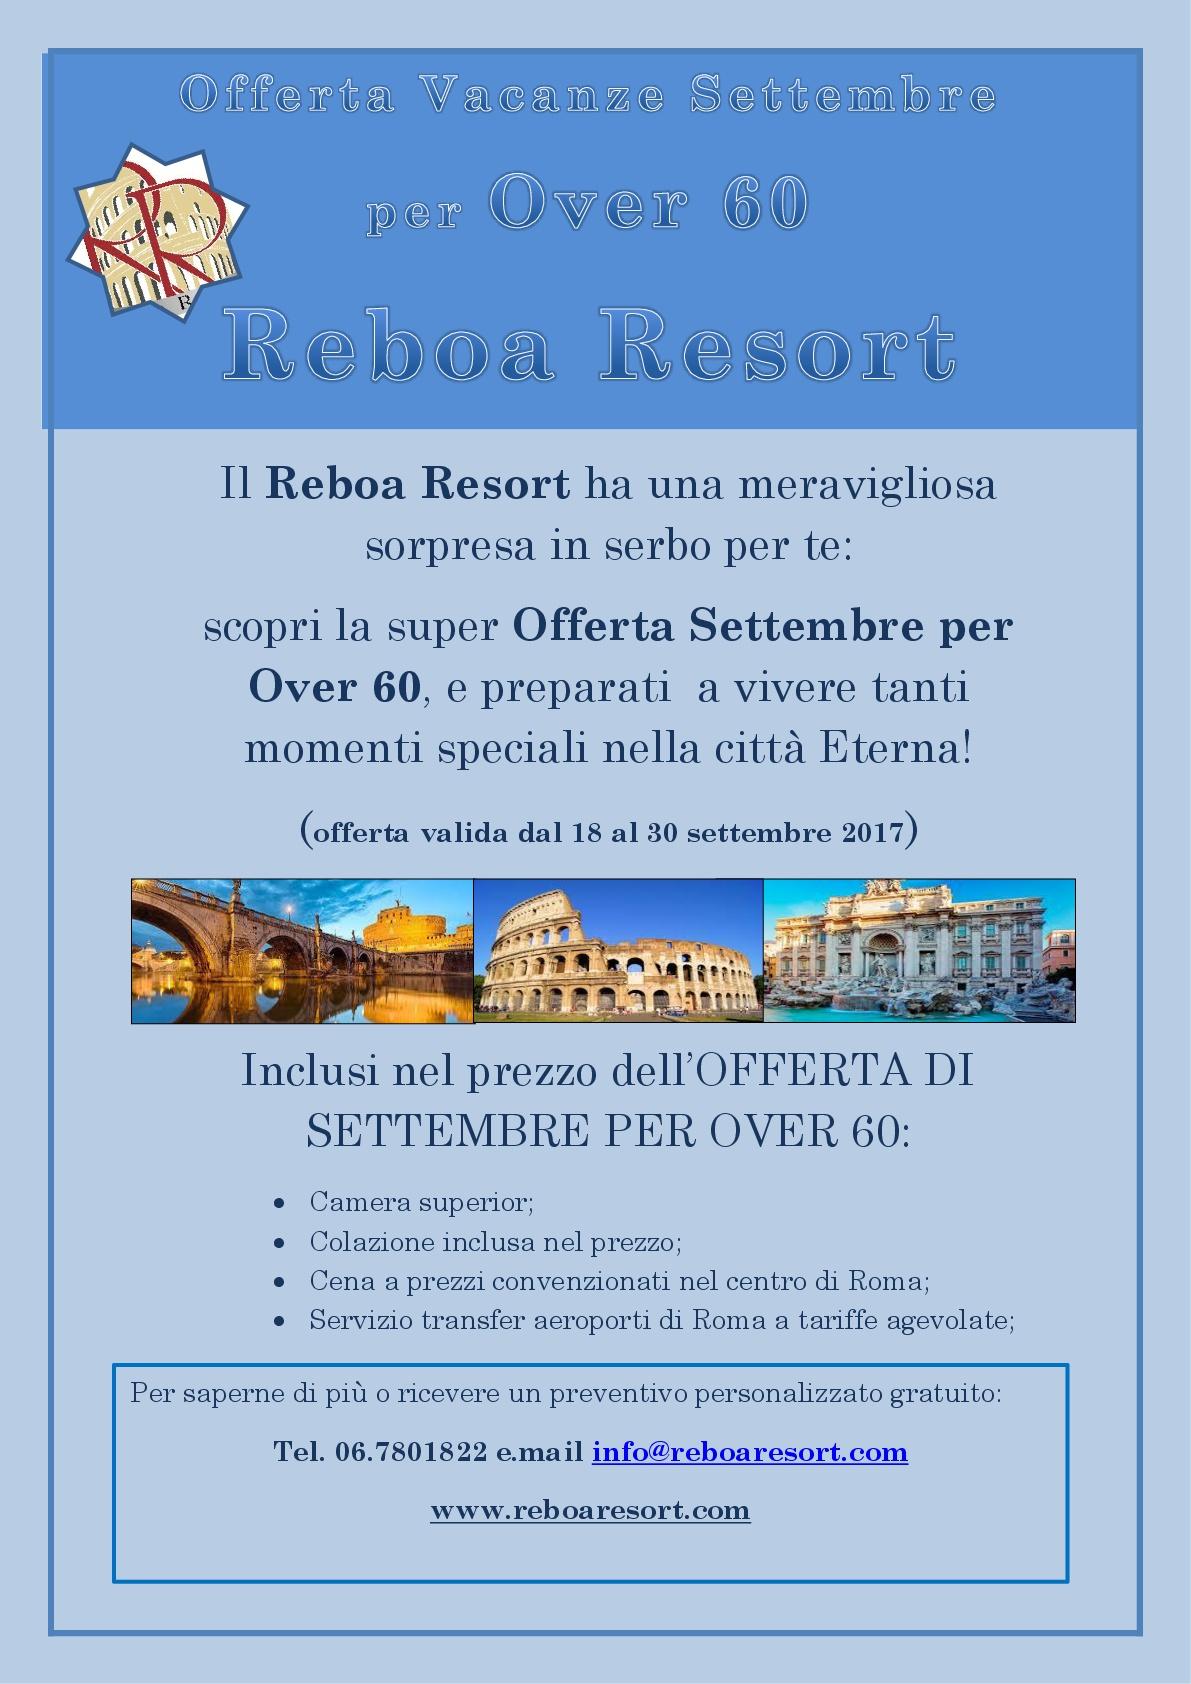 Volantino-offerta-settembre_ottobre-per-over-60-001.jpg